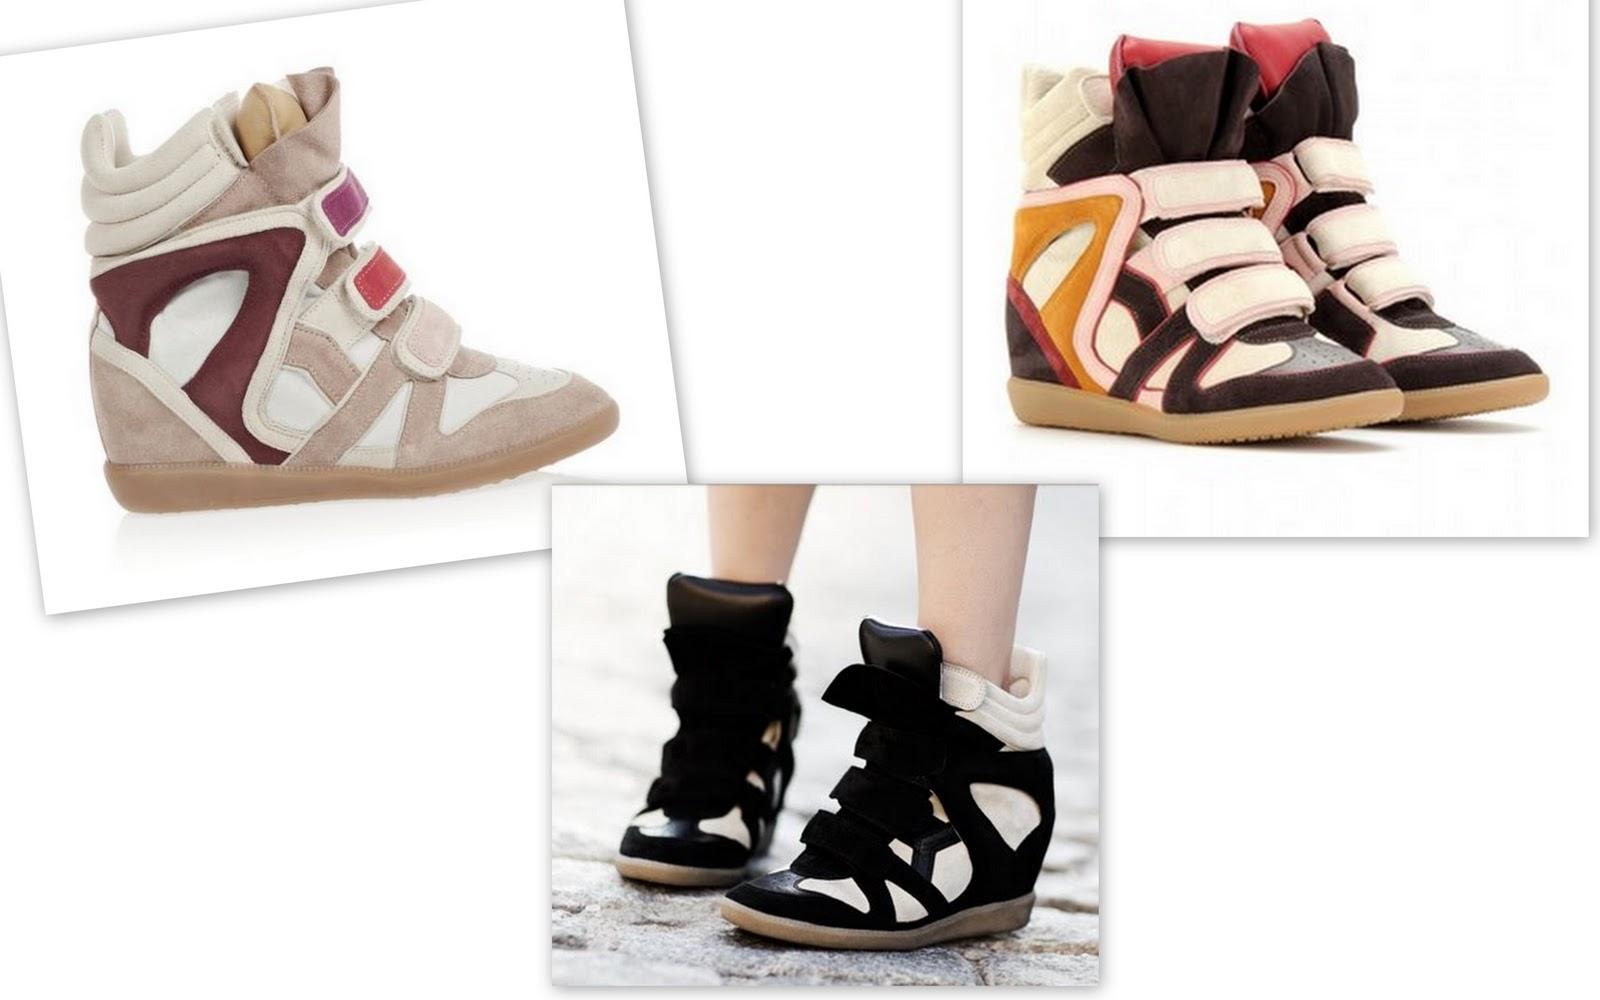 superior quality c71cf c62c6 Şu sıralar pek çok blogta karşıma çıkan ve birçok ünlü yıldızın da tercih  ettiği bu ayakkabılar Isabel Marant sneakers dan başkası değil. Spor  ayakkabı ...